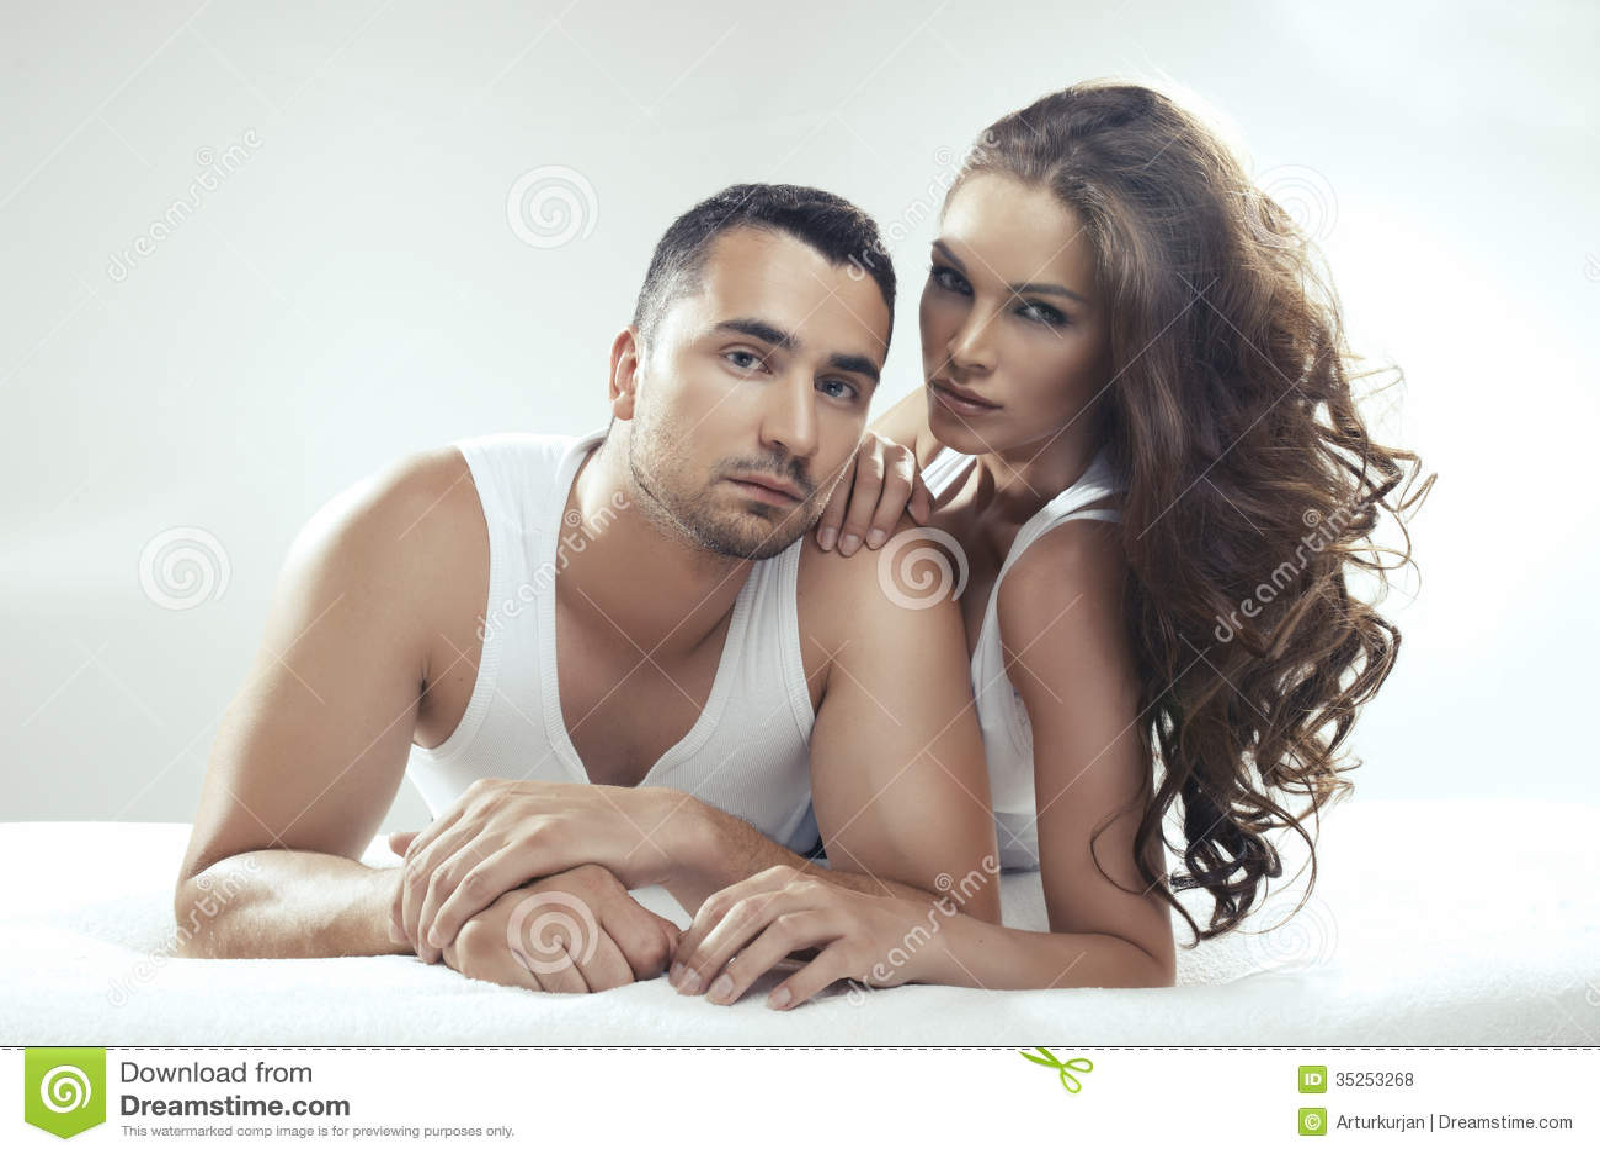 Волосатая пизда в сперме фото - Частное порно фото